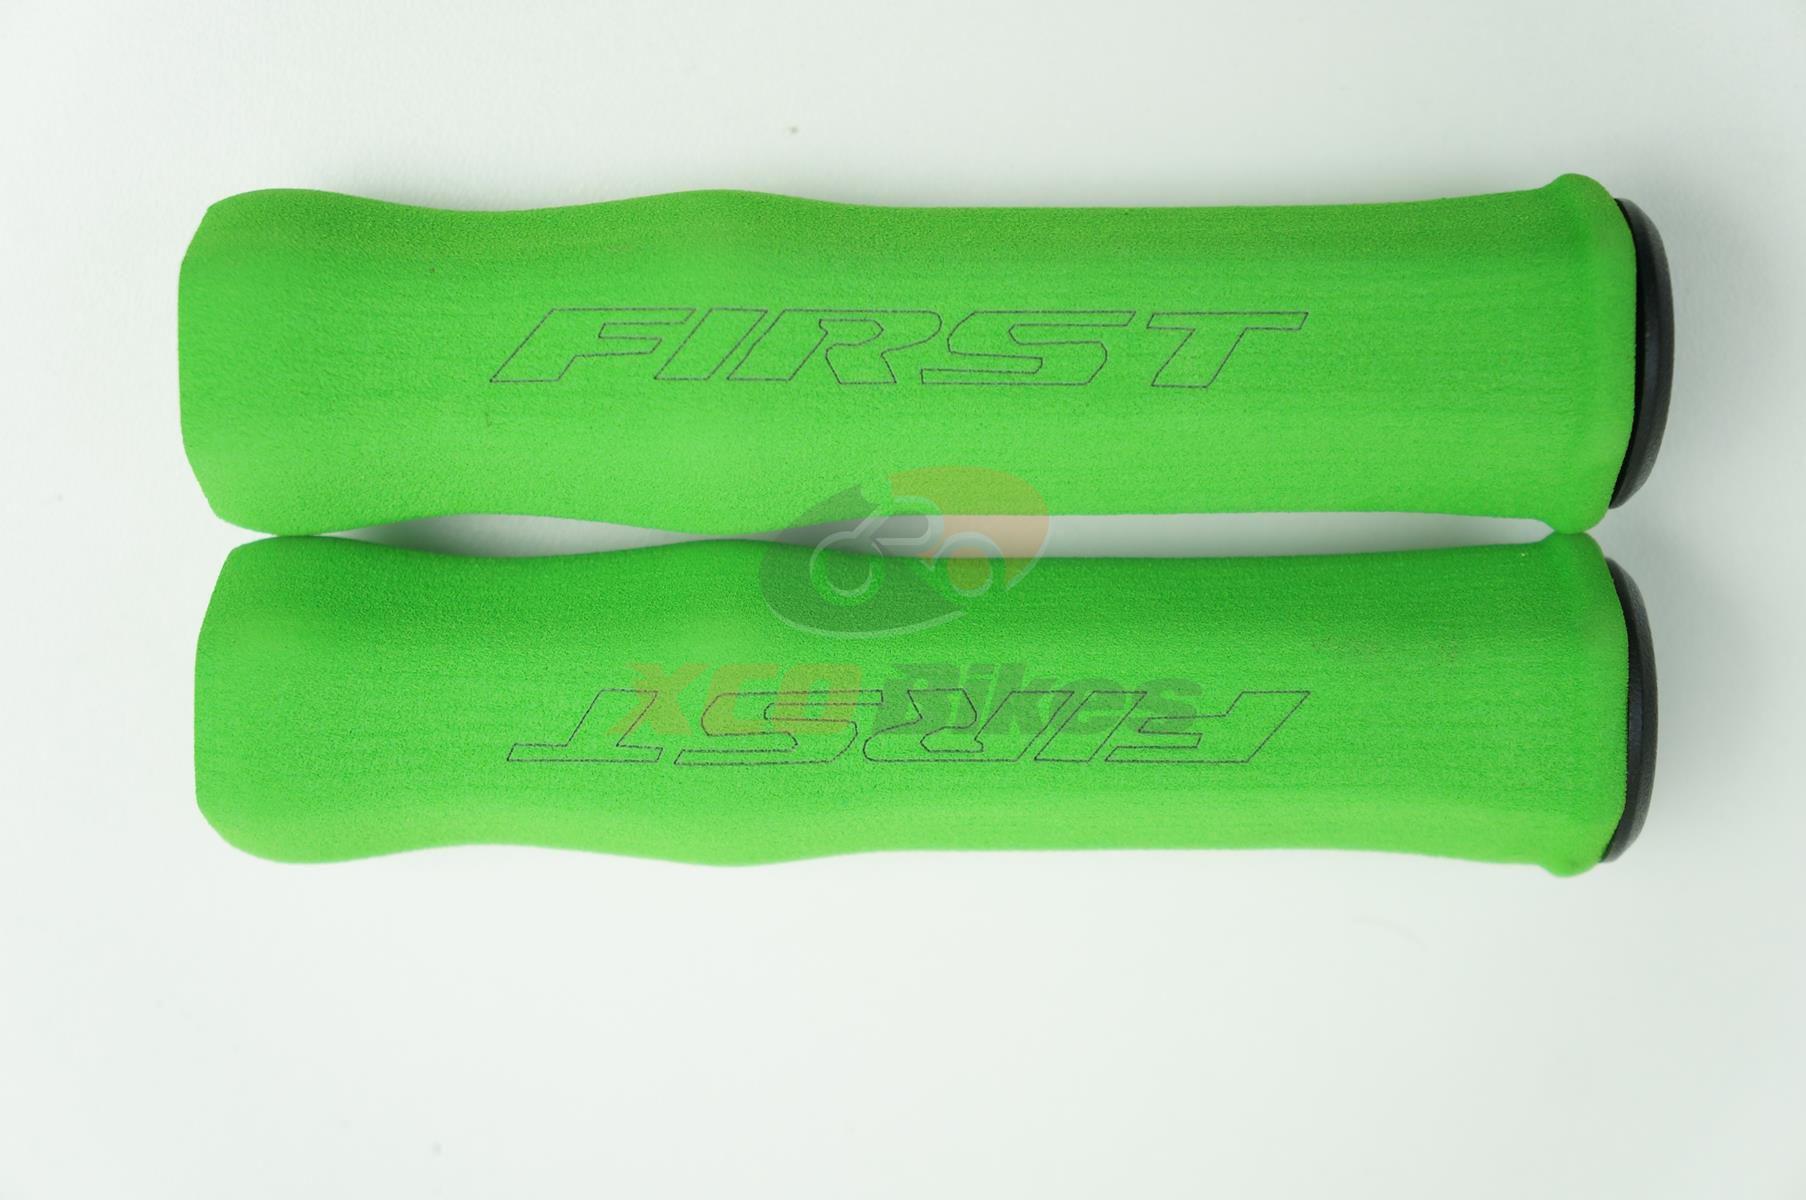 Manoplas Mtb First Super Confort Eva Colorida 40 Gramas Várias Cores